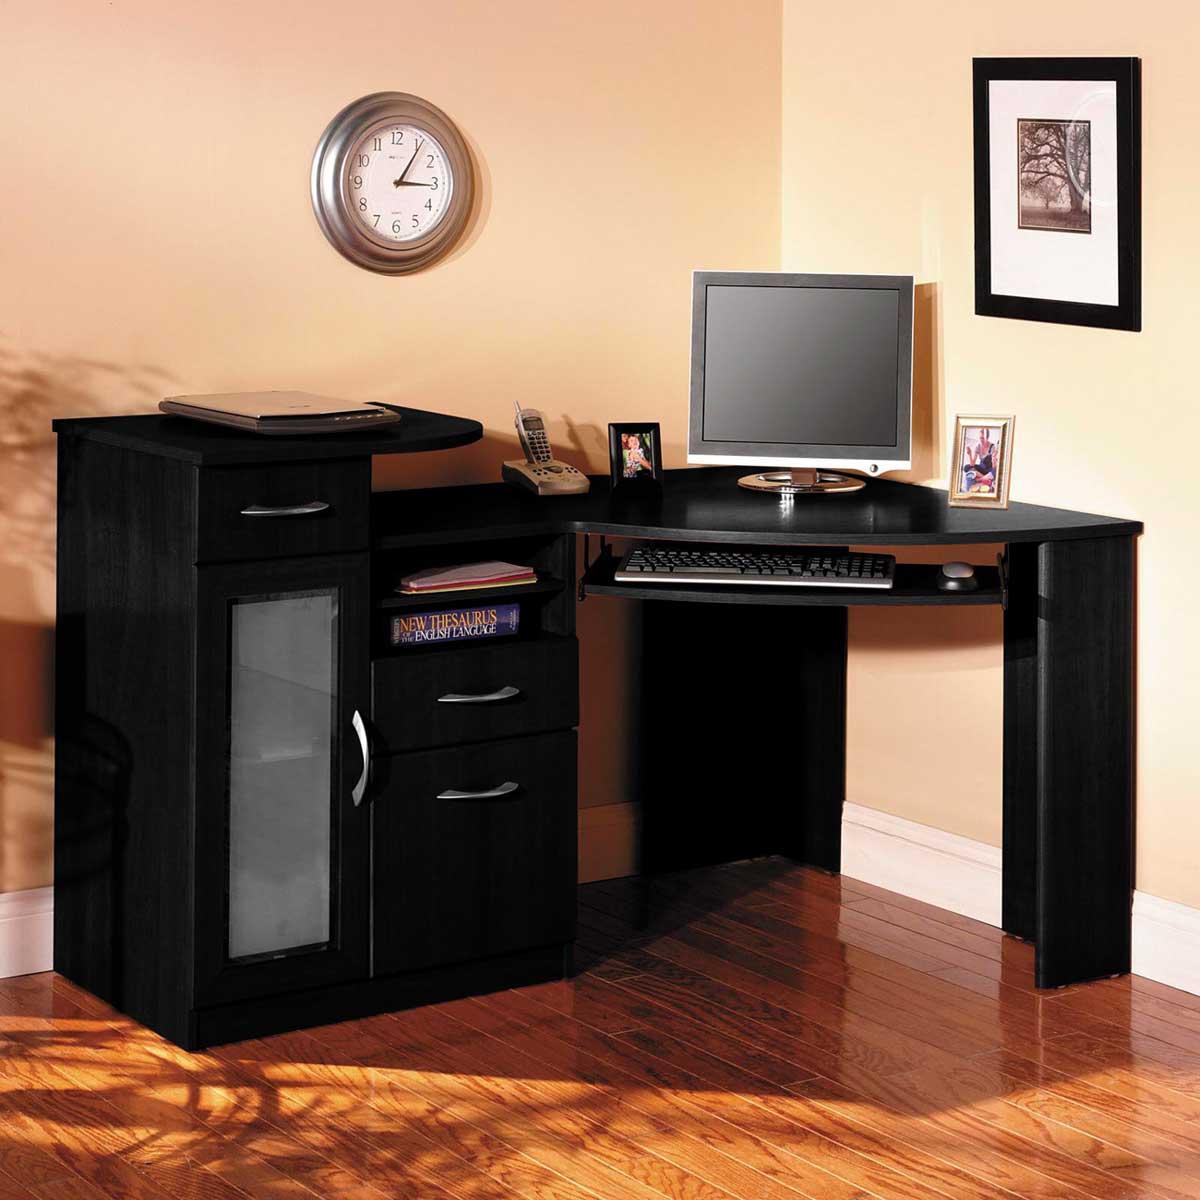 Black Corner Computer Desk for Home Office